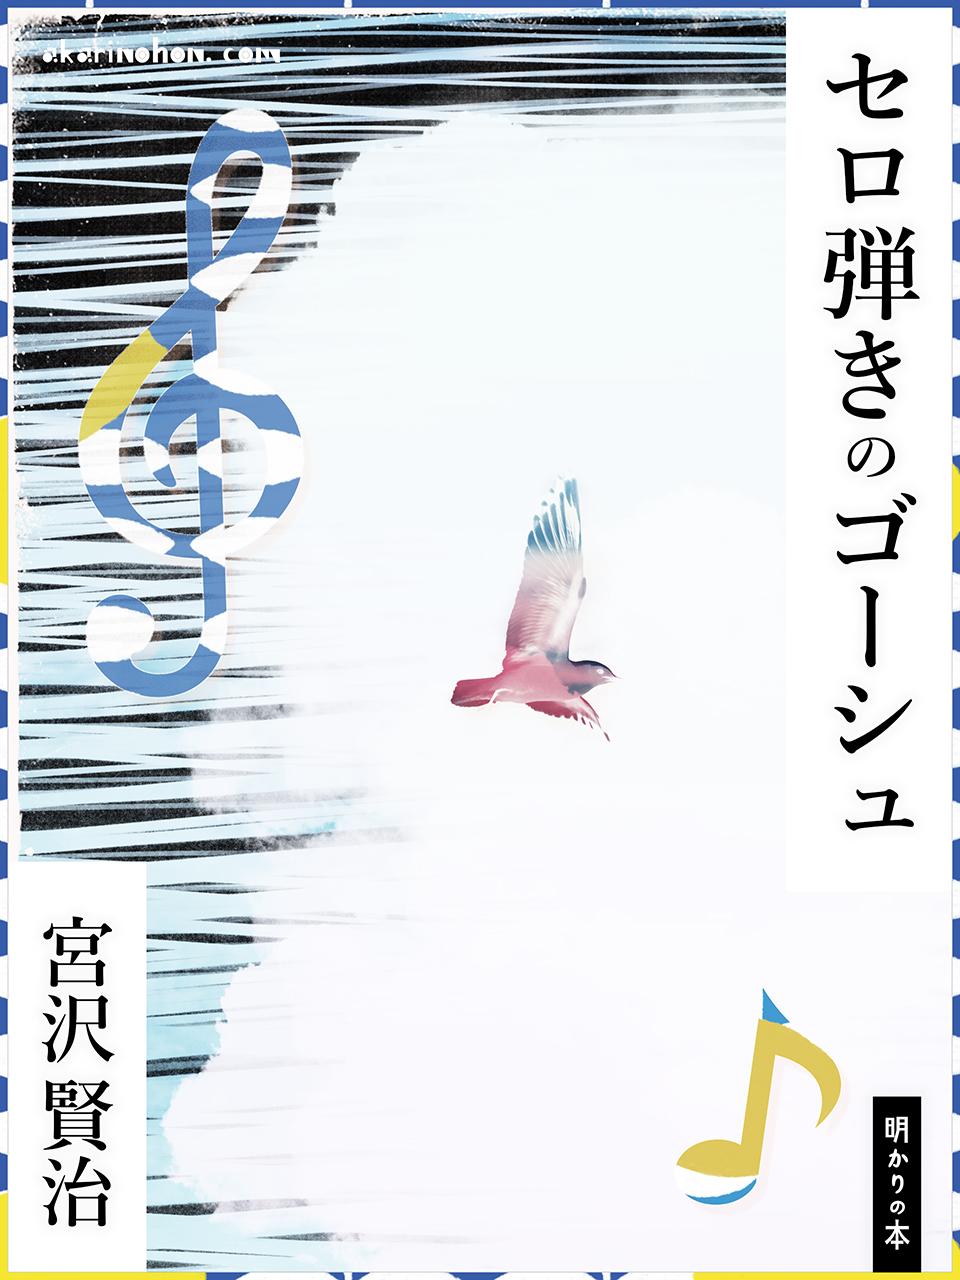 0000 - セロ弾きのゴーシュ 宮沢賢治